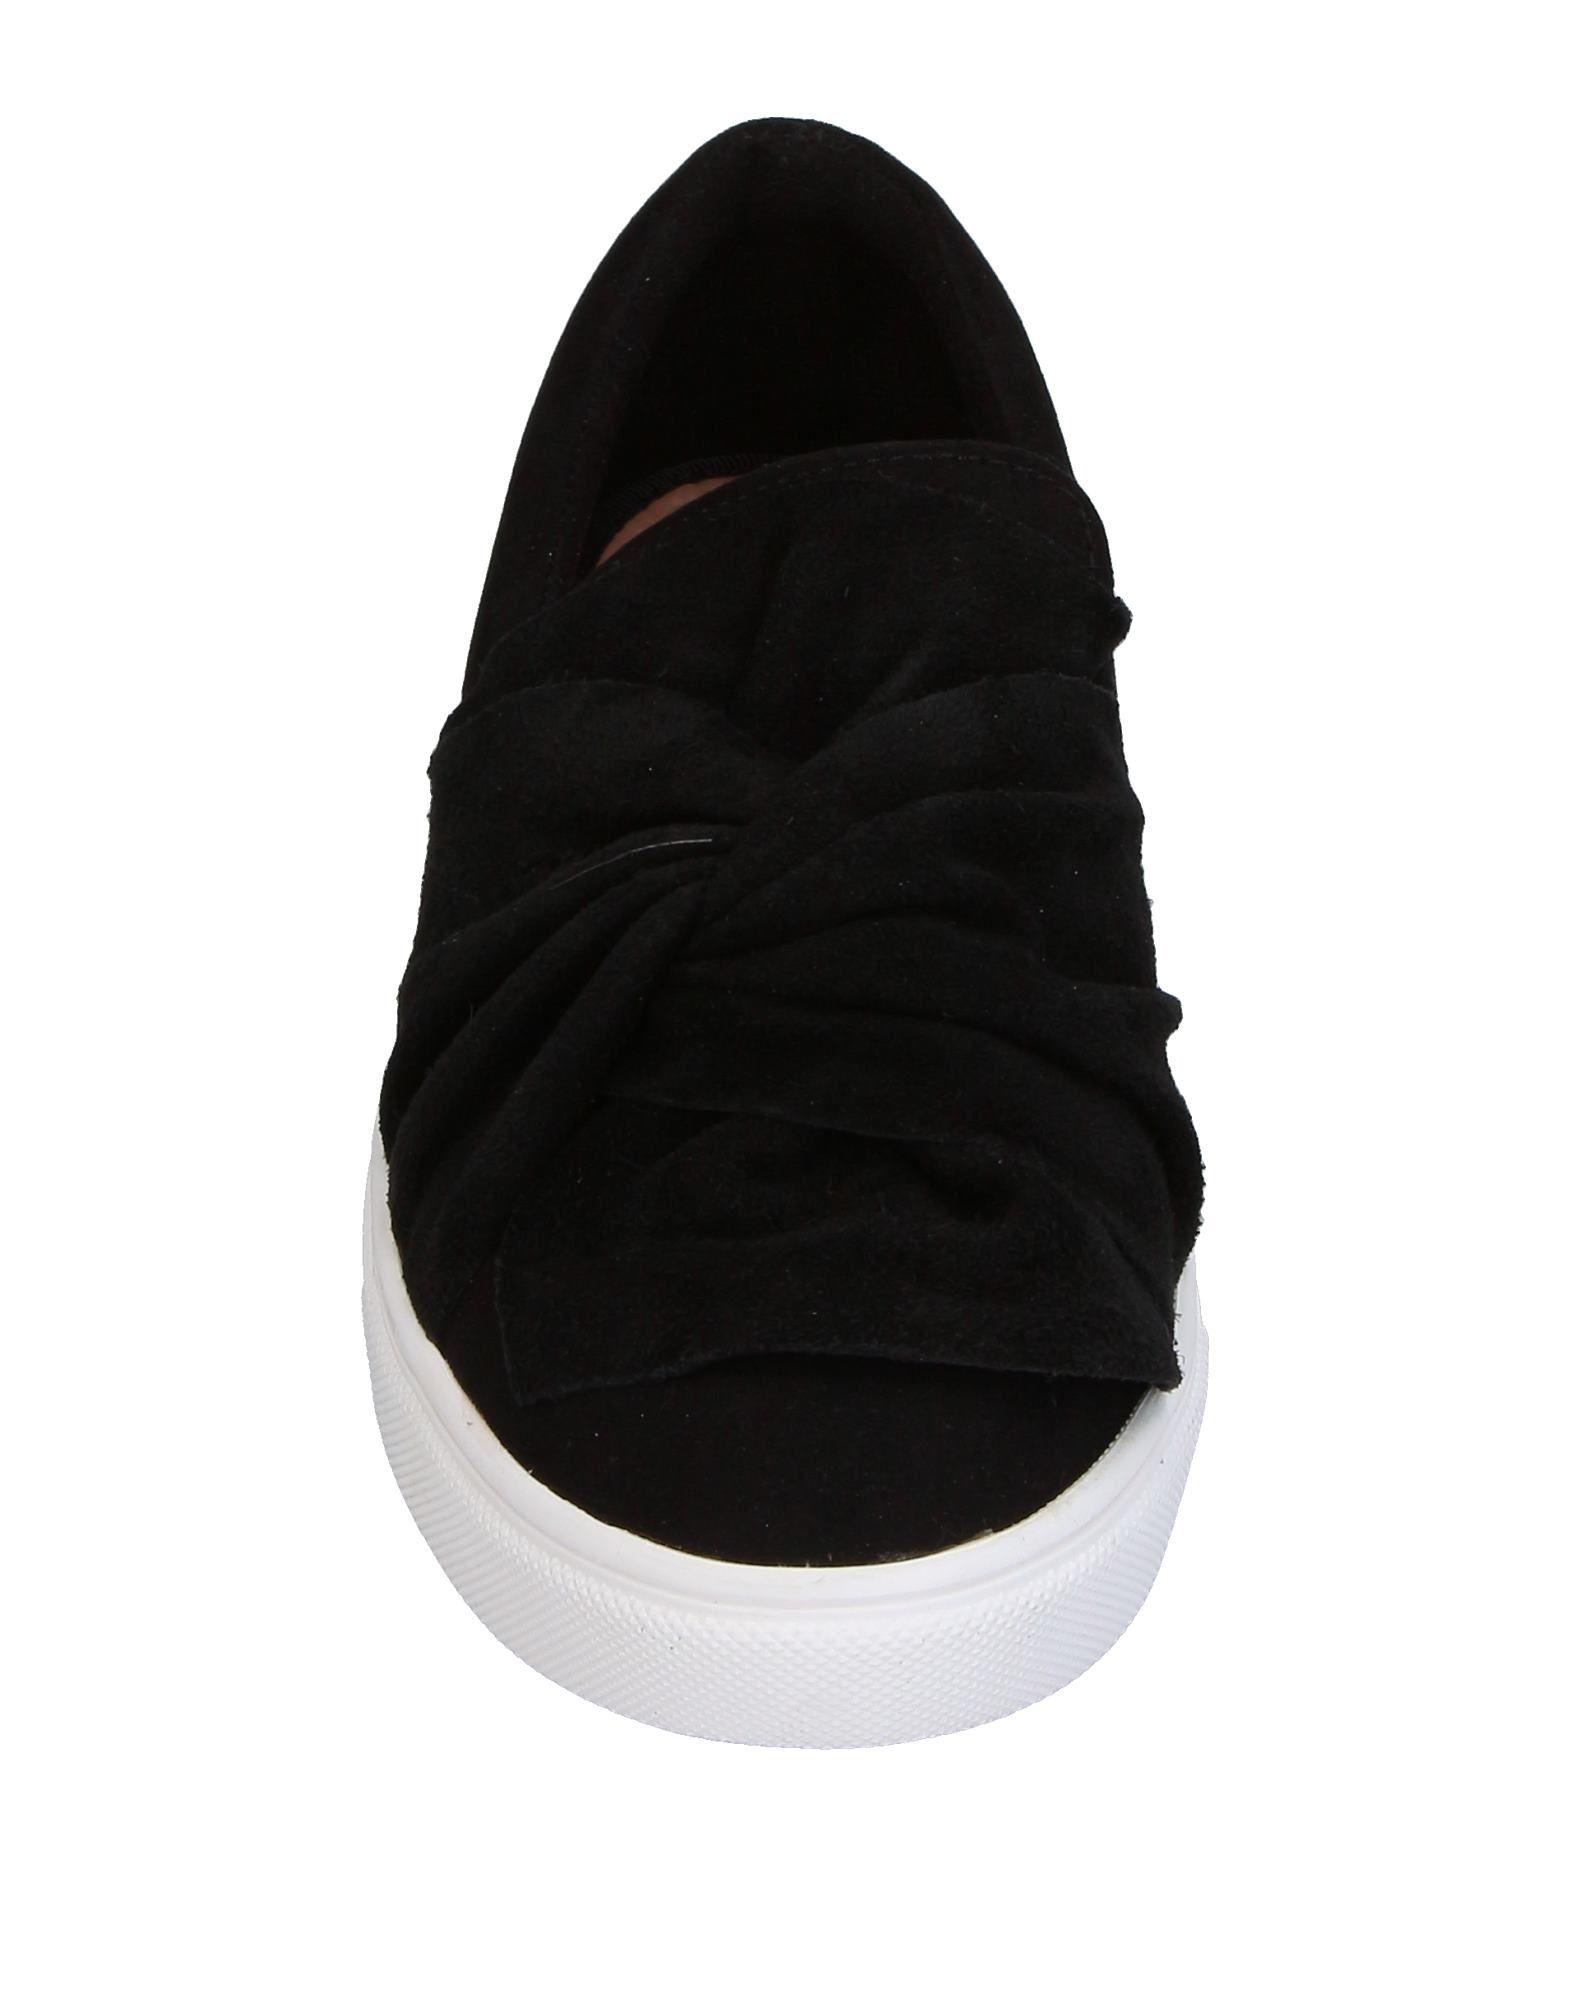 Steve Gute Madden Sneakers Damen  11401013JW Gute Steve Qualität beliebte Schuhe eaaceb